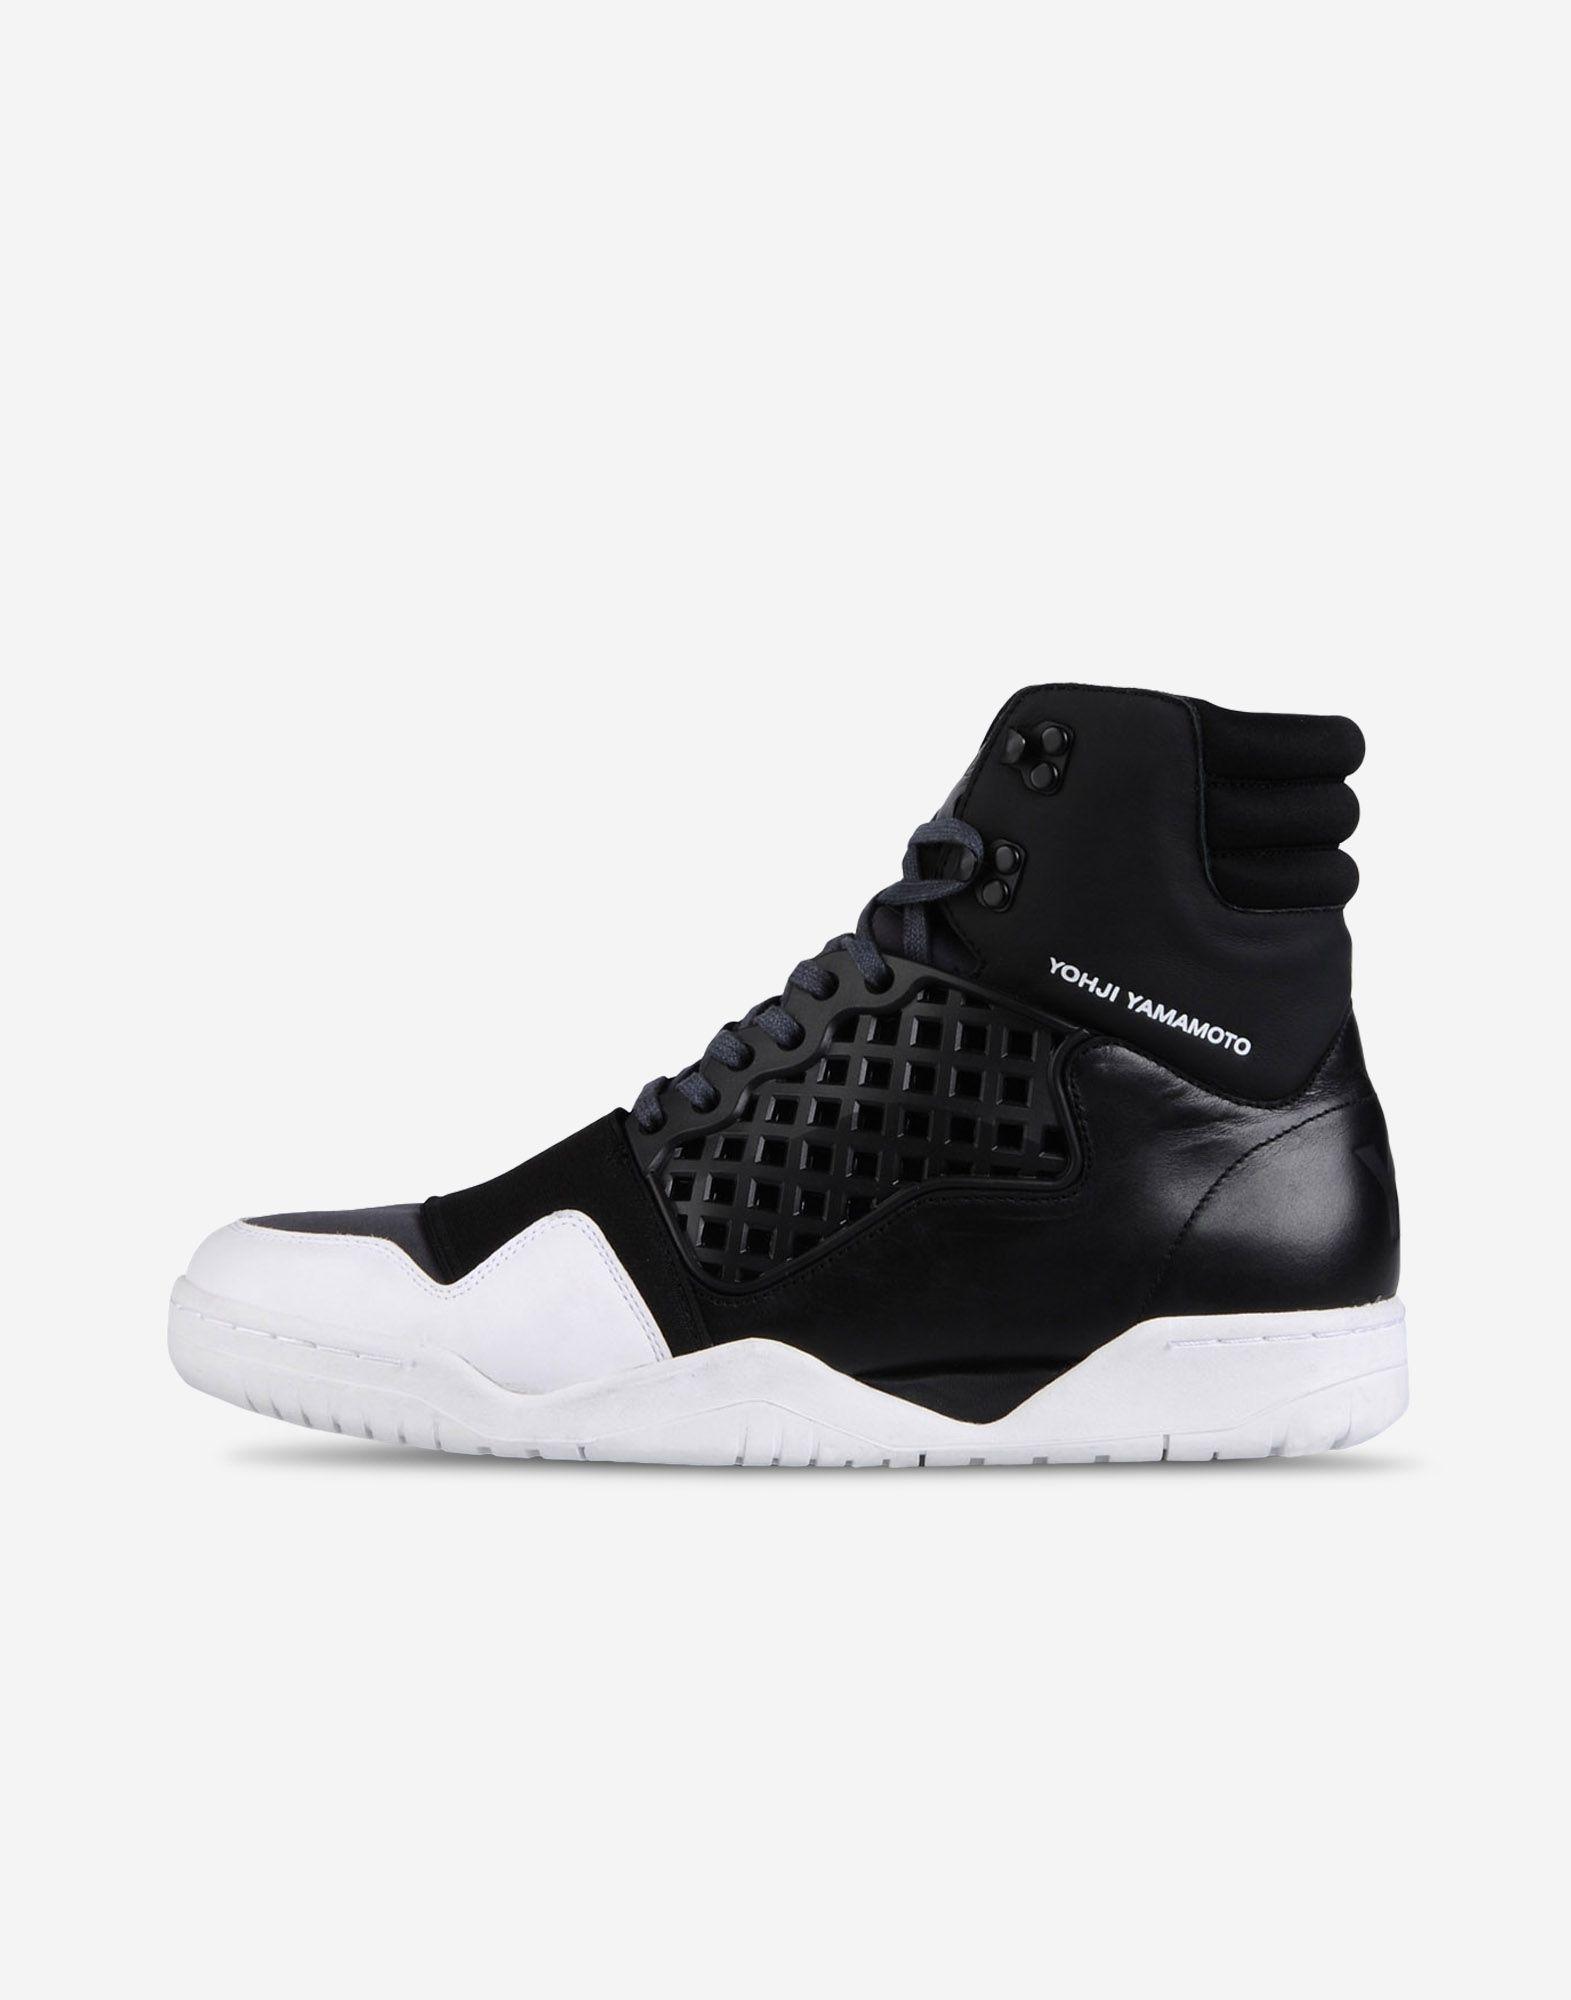 9ac493002 Y-3 Y-3 HELD ENFORCER High-top sneakers Man f Adidas Sneakers